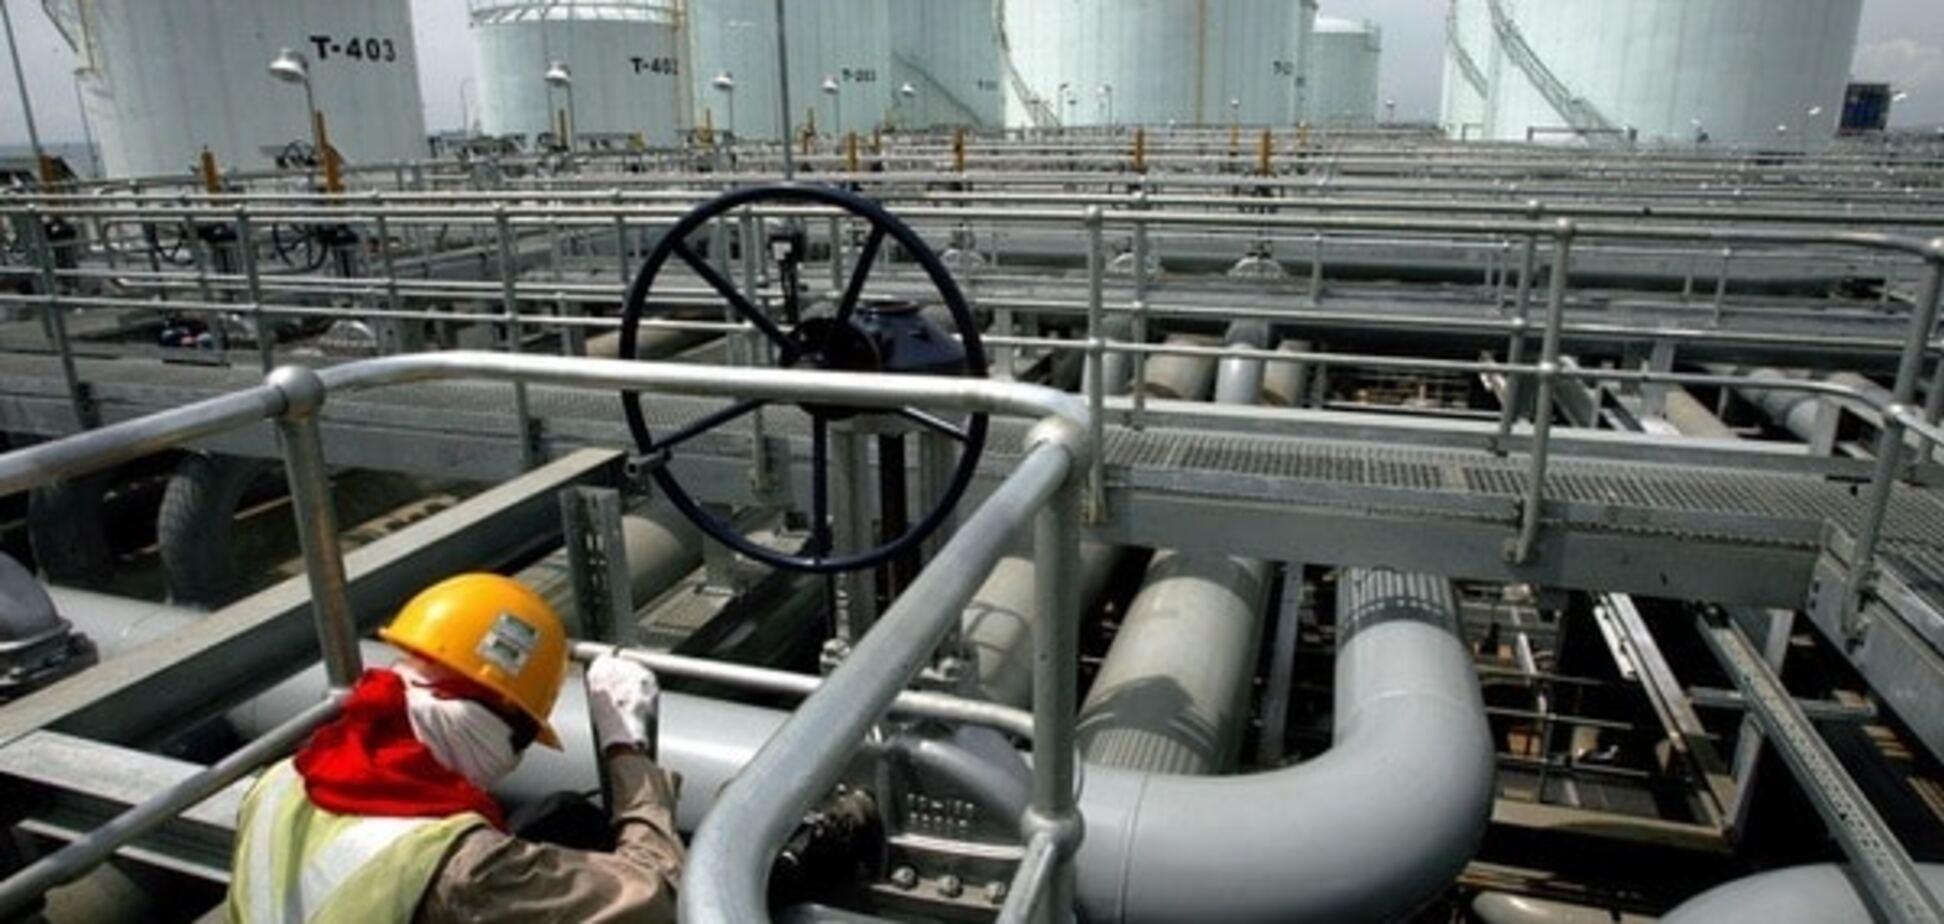 Ніж у спину, не відходячи від каси: саудівці зруйнували мрії Кремля про видобуток нафти